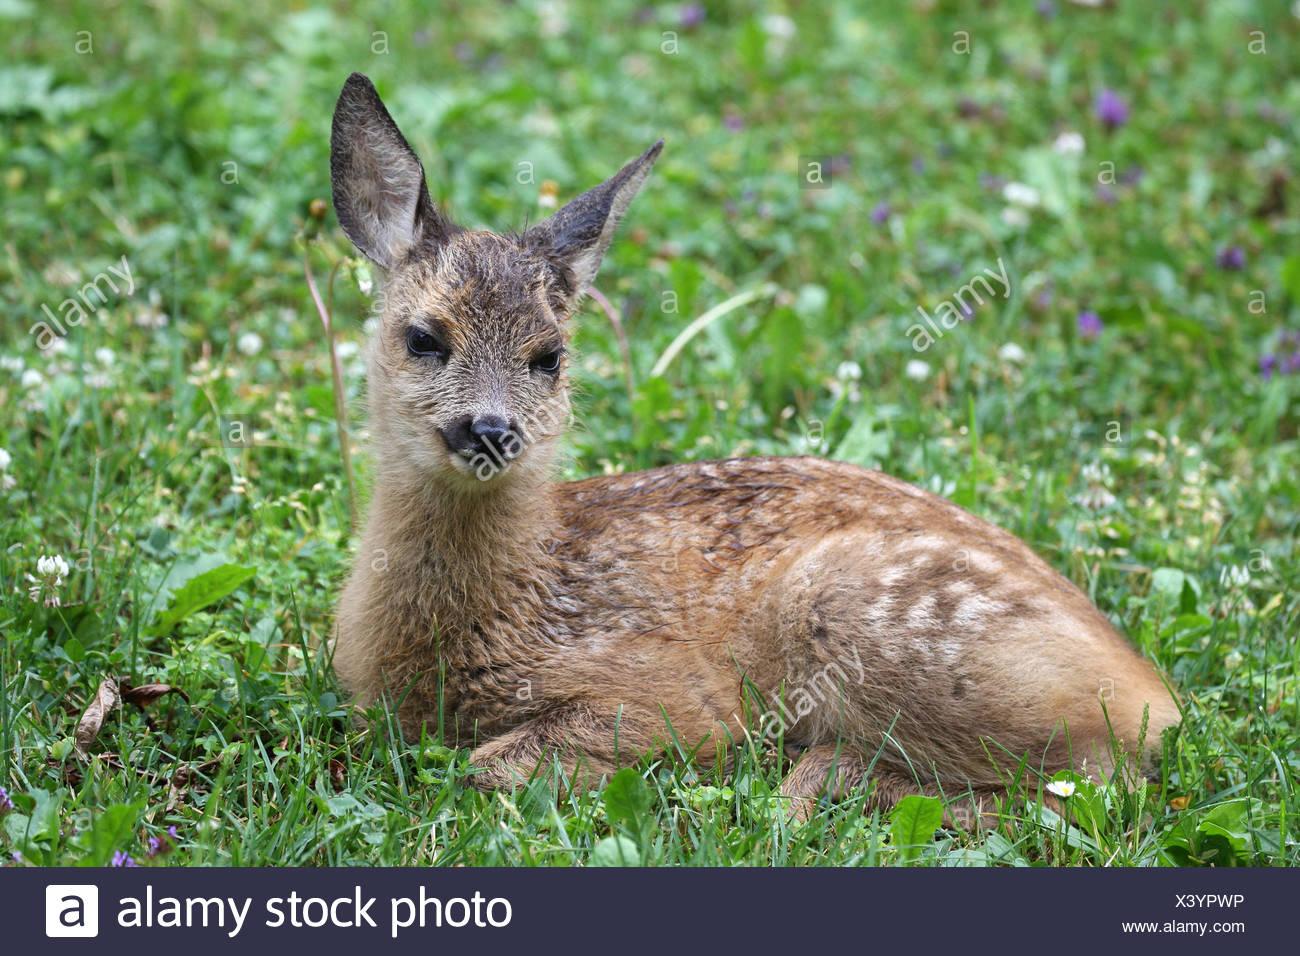 Roe deer (Capreolus capreolus), fawn, five weeks old, lying in meadow, Allgäu, Bavaria, Germany - Stock Image